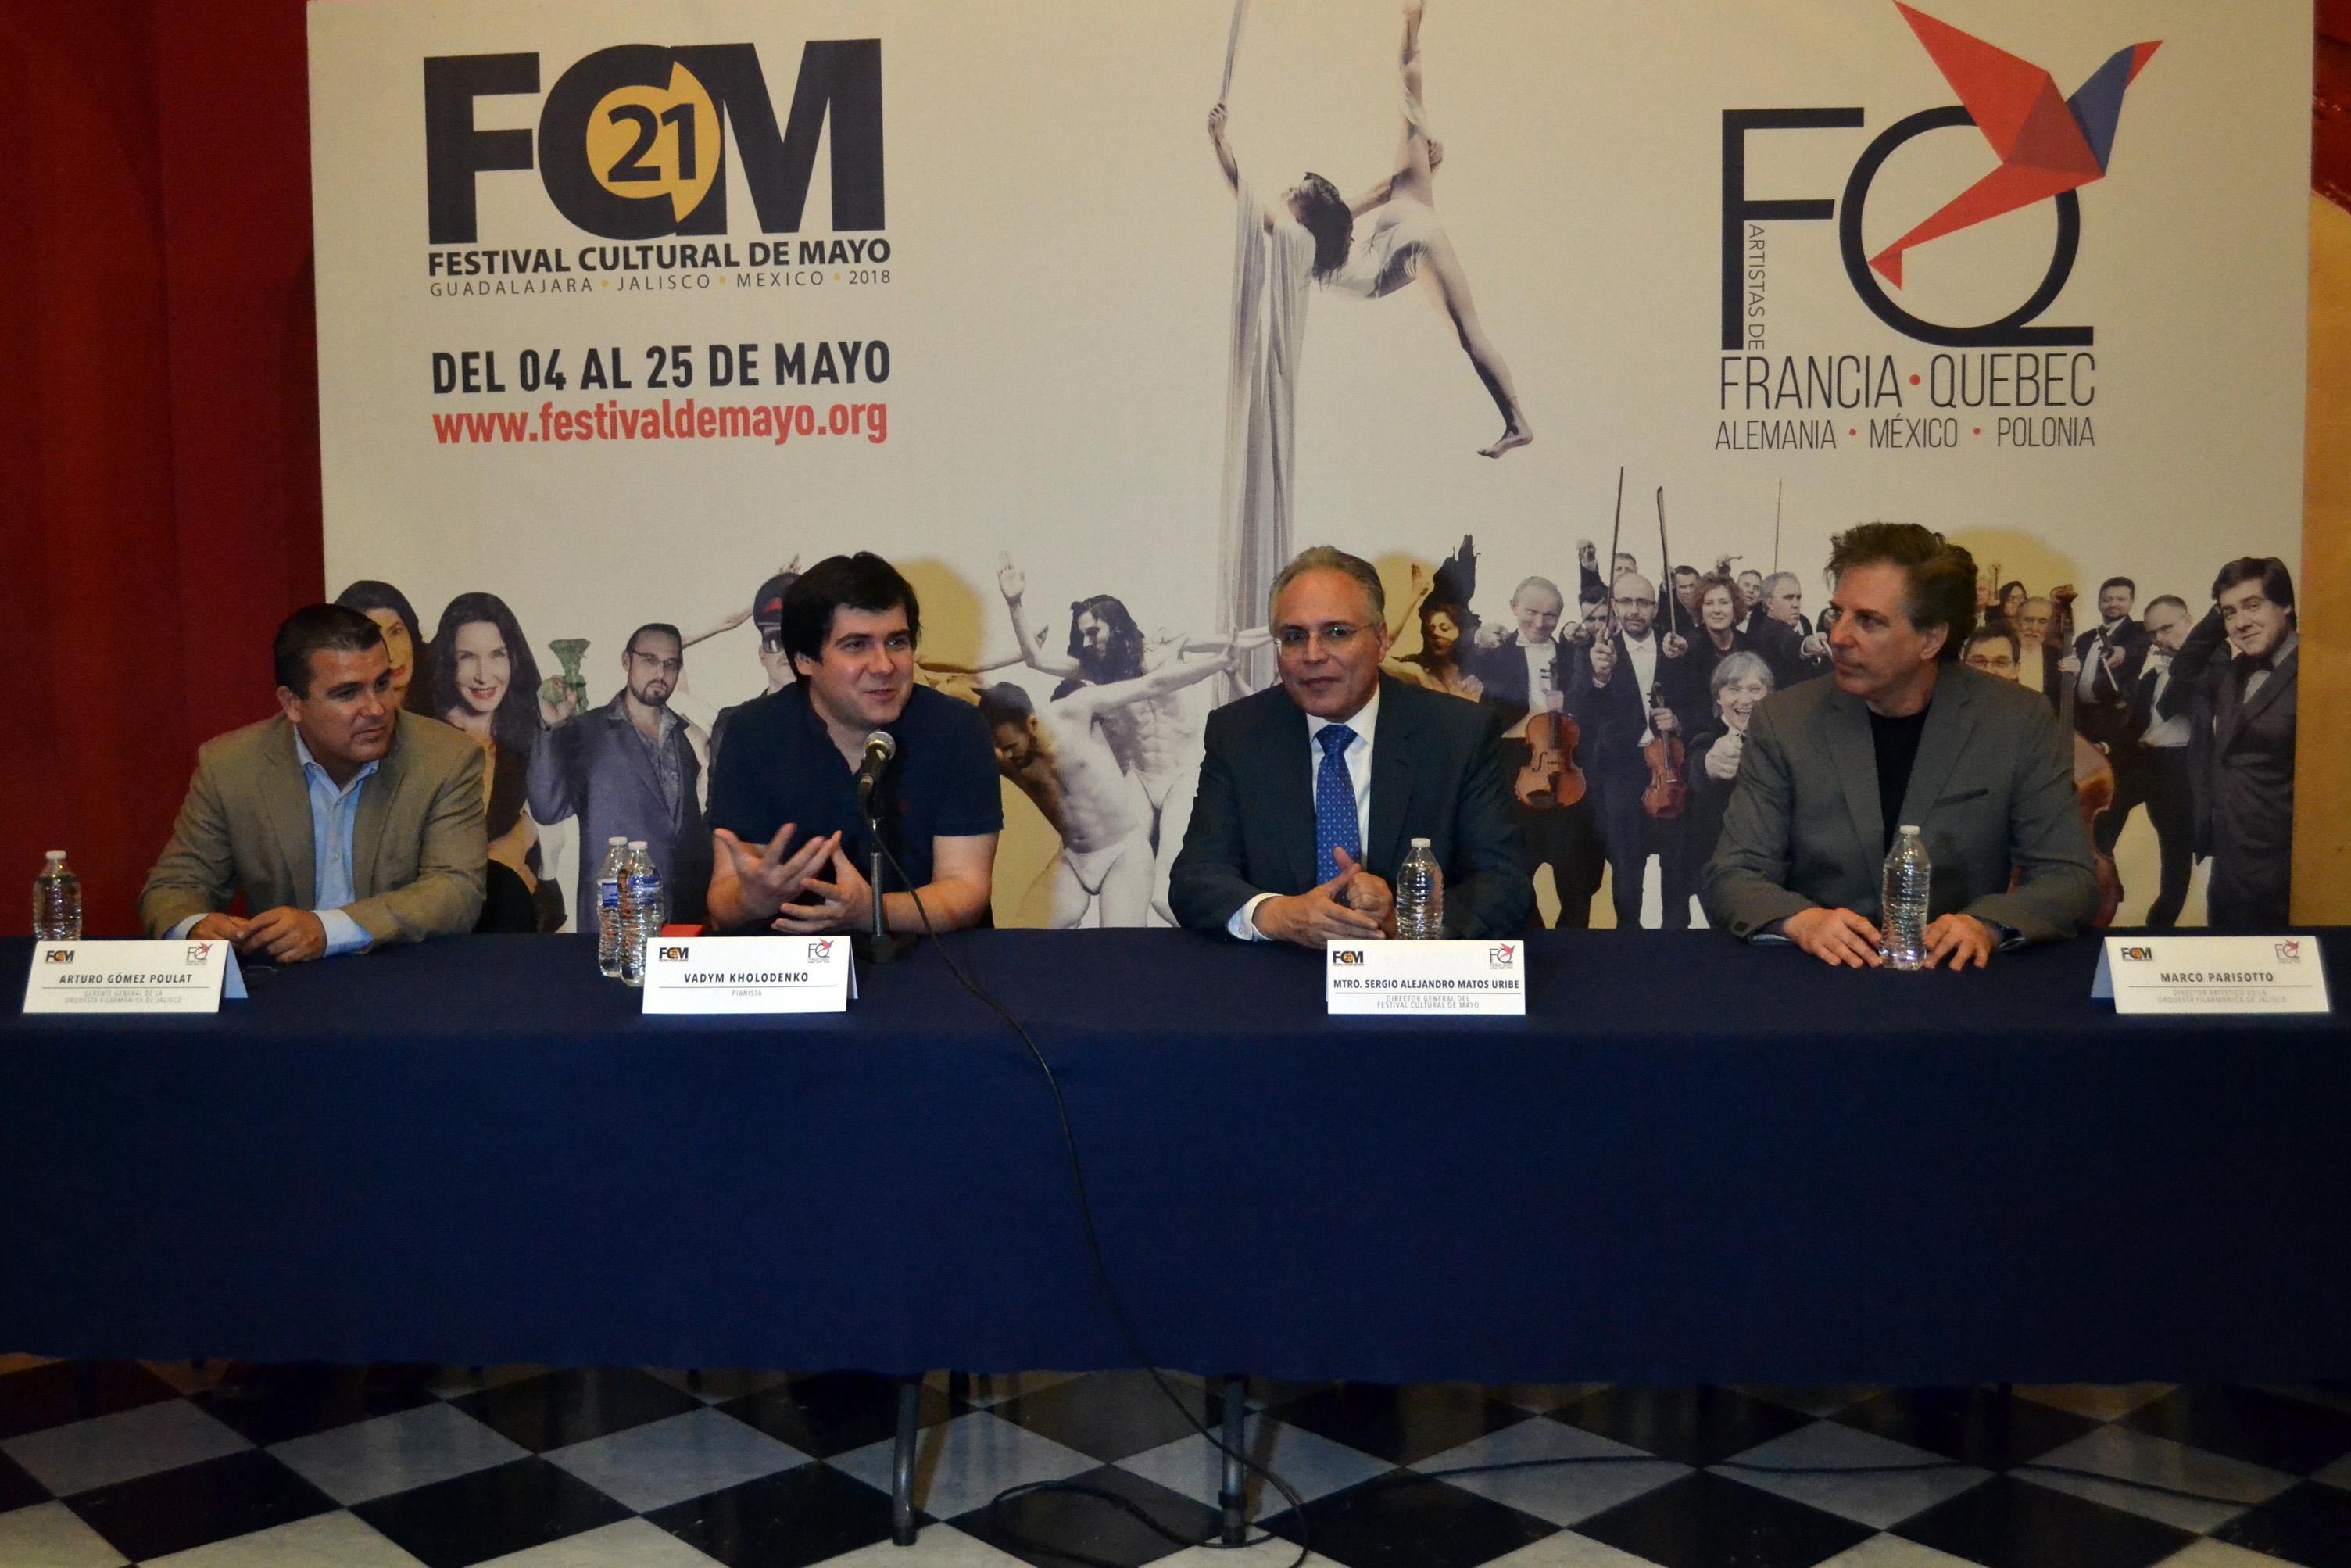 Llega a su fin la edición 21 del Festival Cultural de Mayo / Teatro Degollado